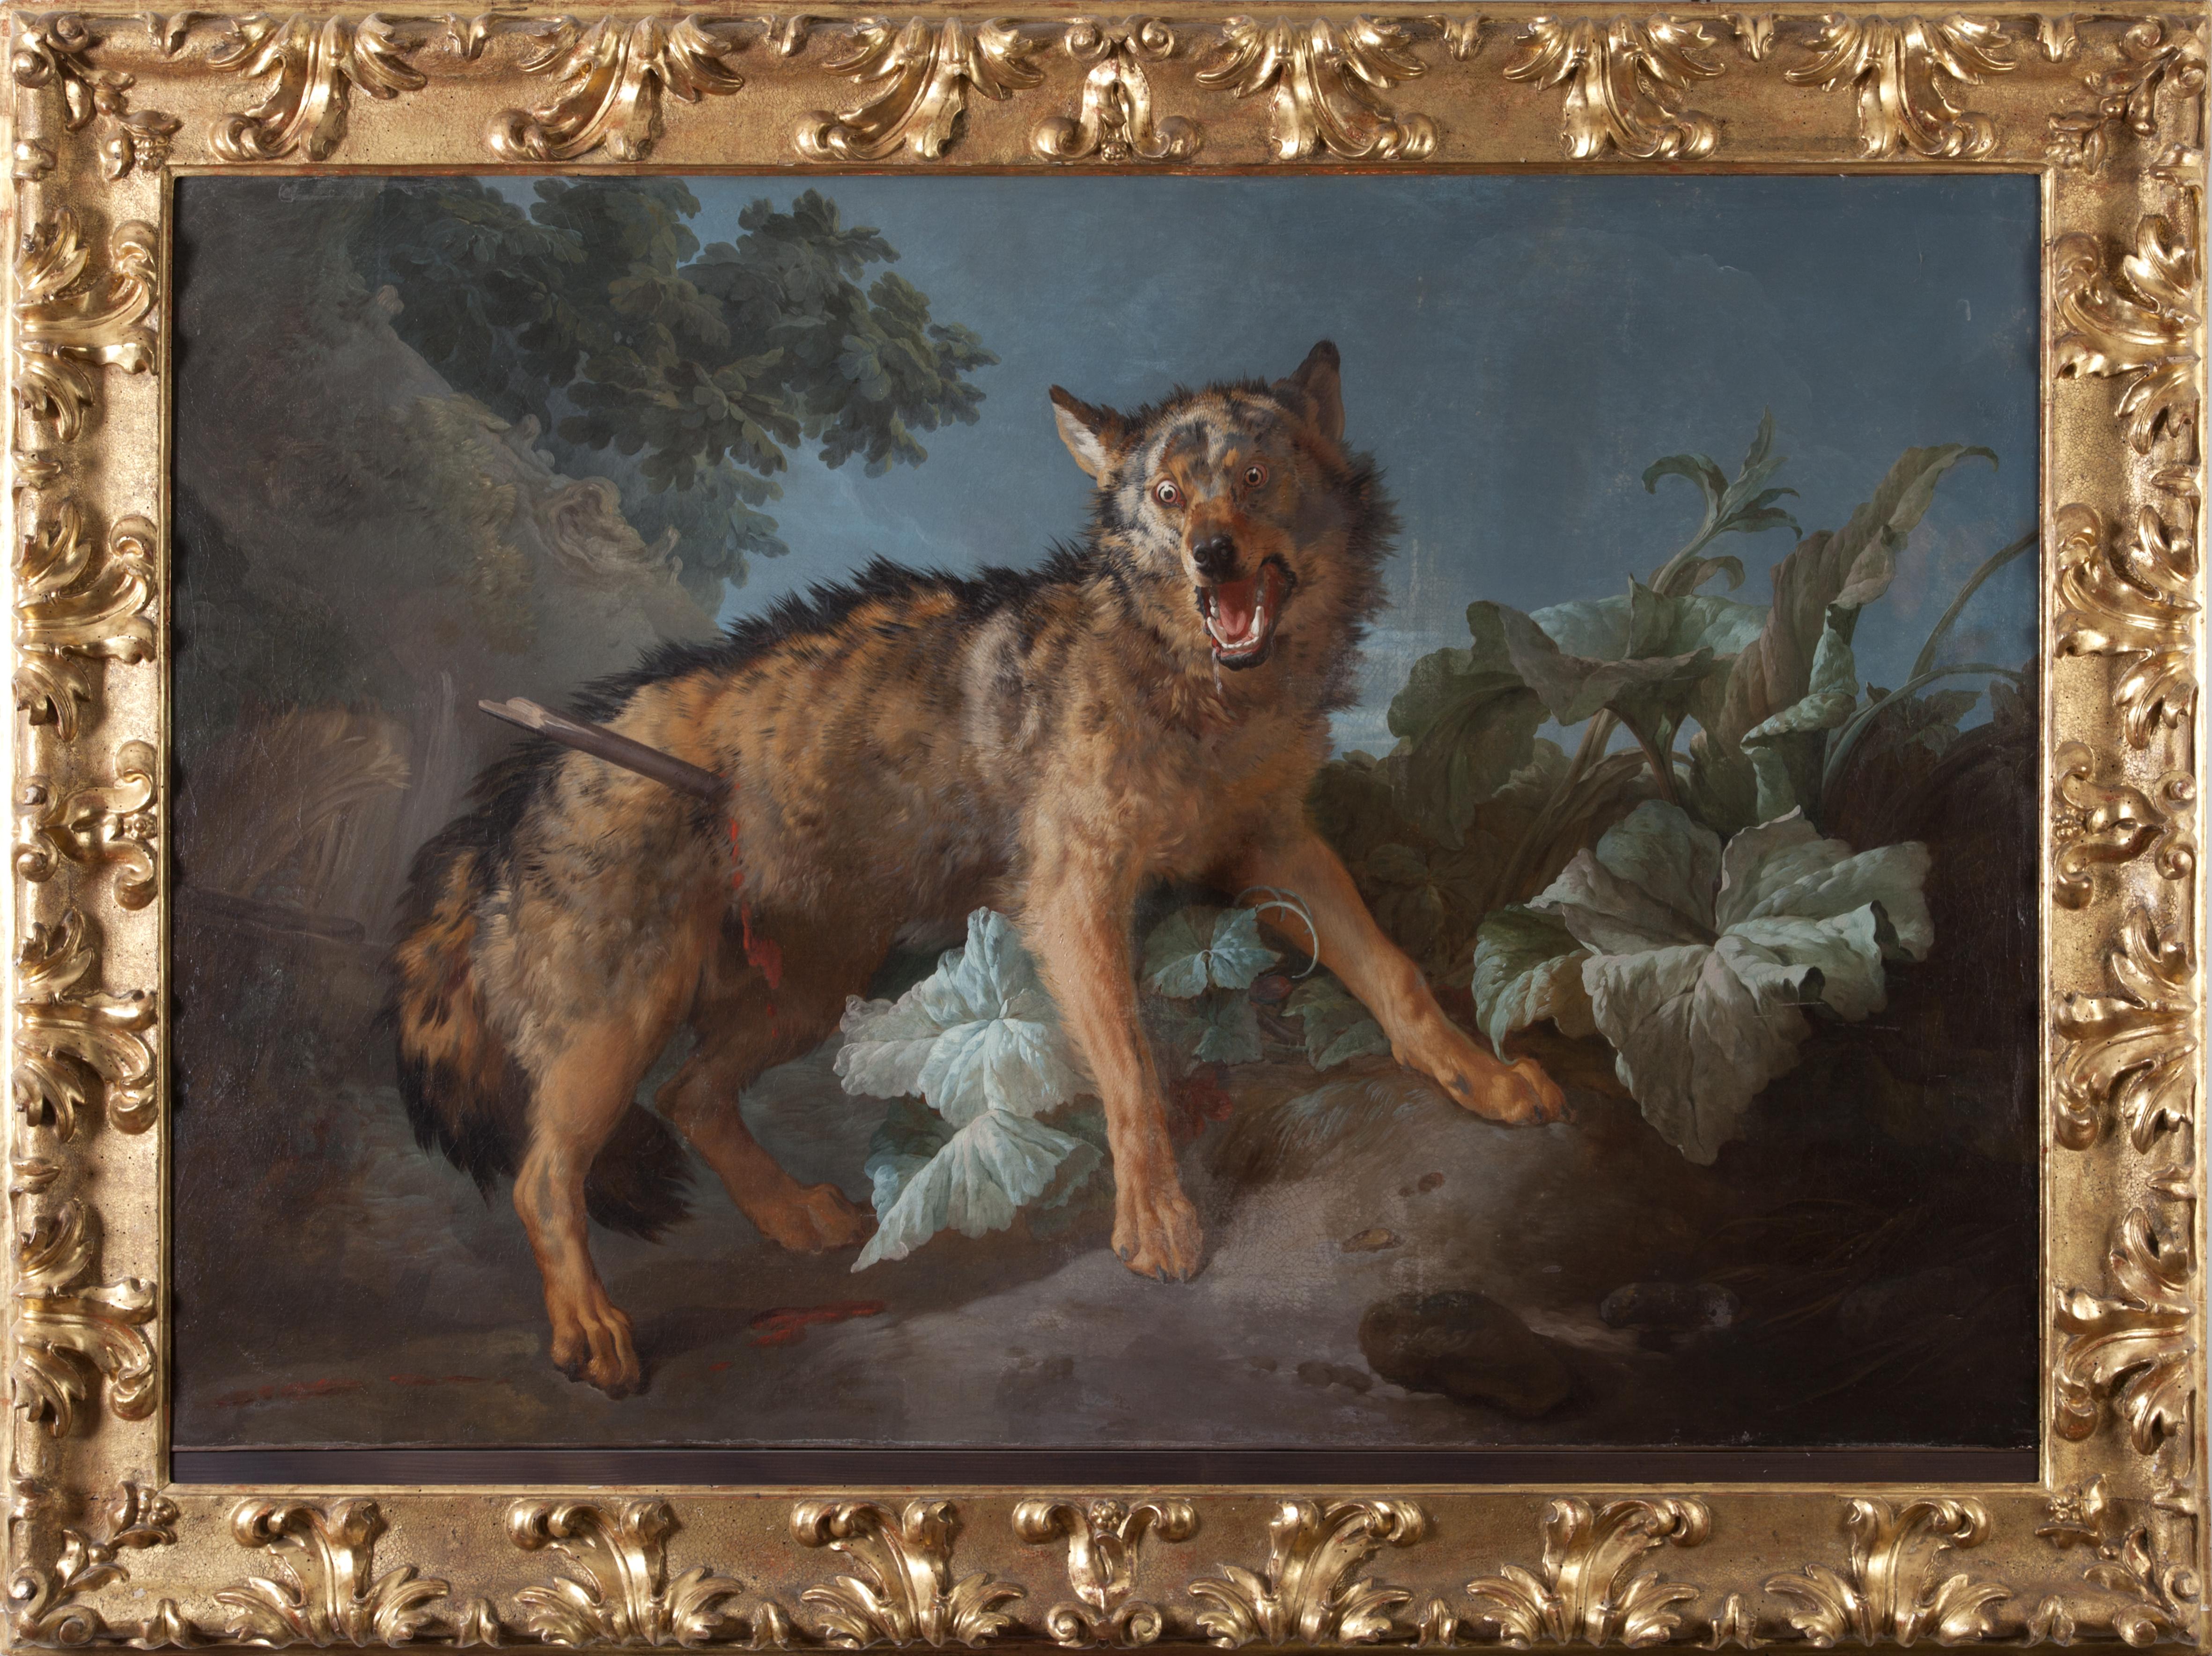 Un loup percé d'une lance, 1771,© David Rase